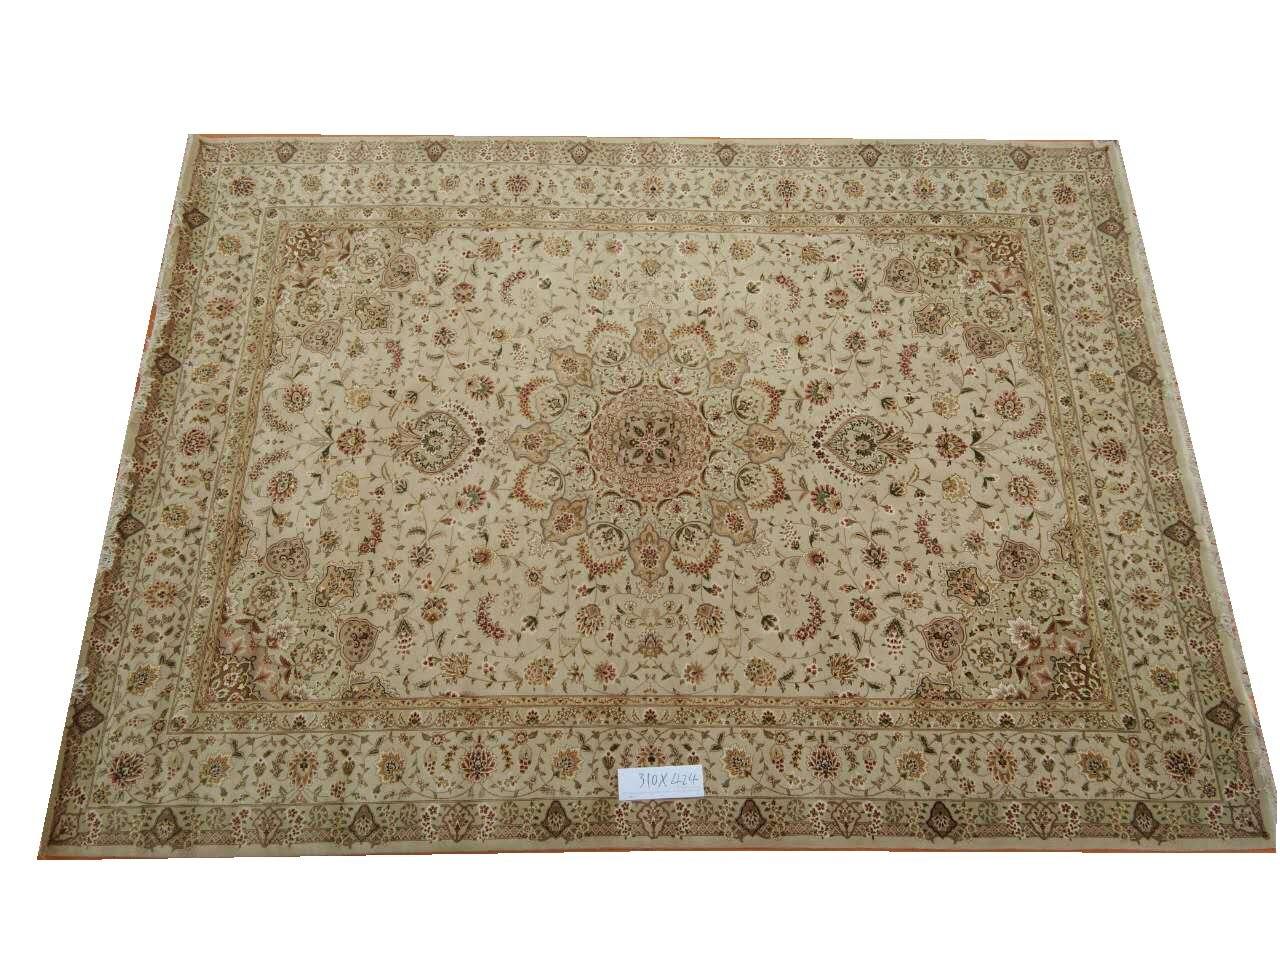 Tapis persans anciens laine et soie noués à la main tapis persan Oriental fait à la main 23 10x14gc157peryg9 tapis persans et tapis